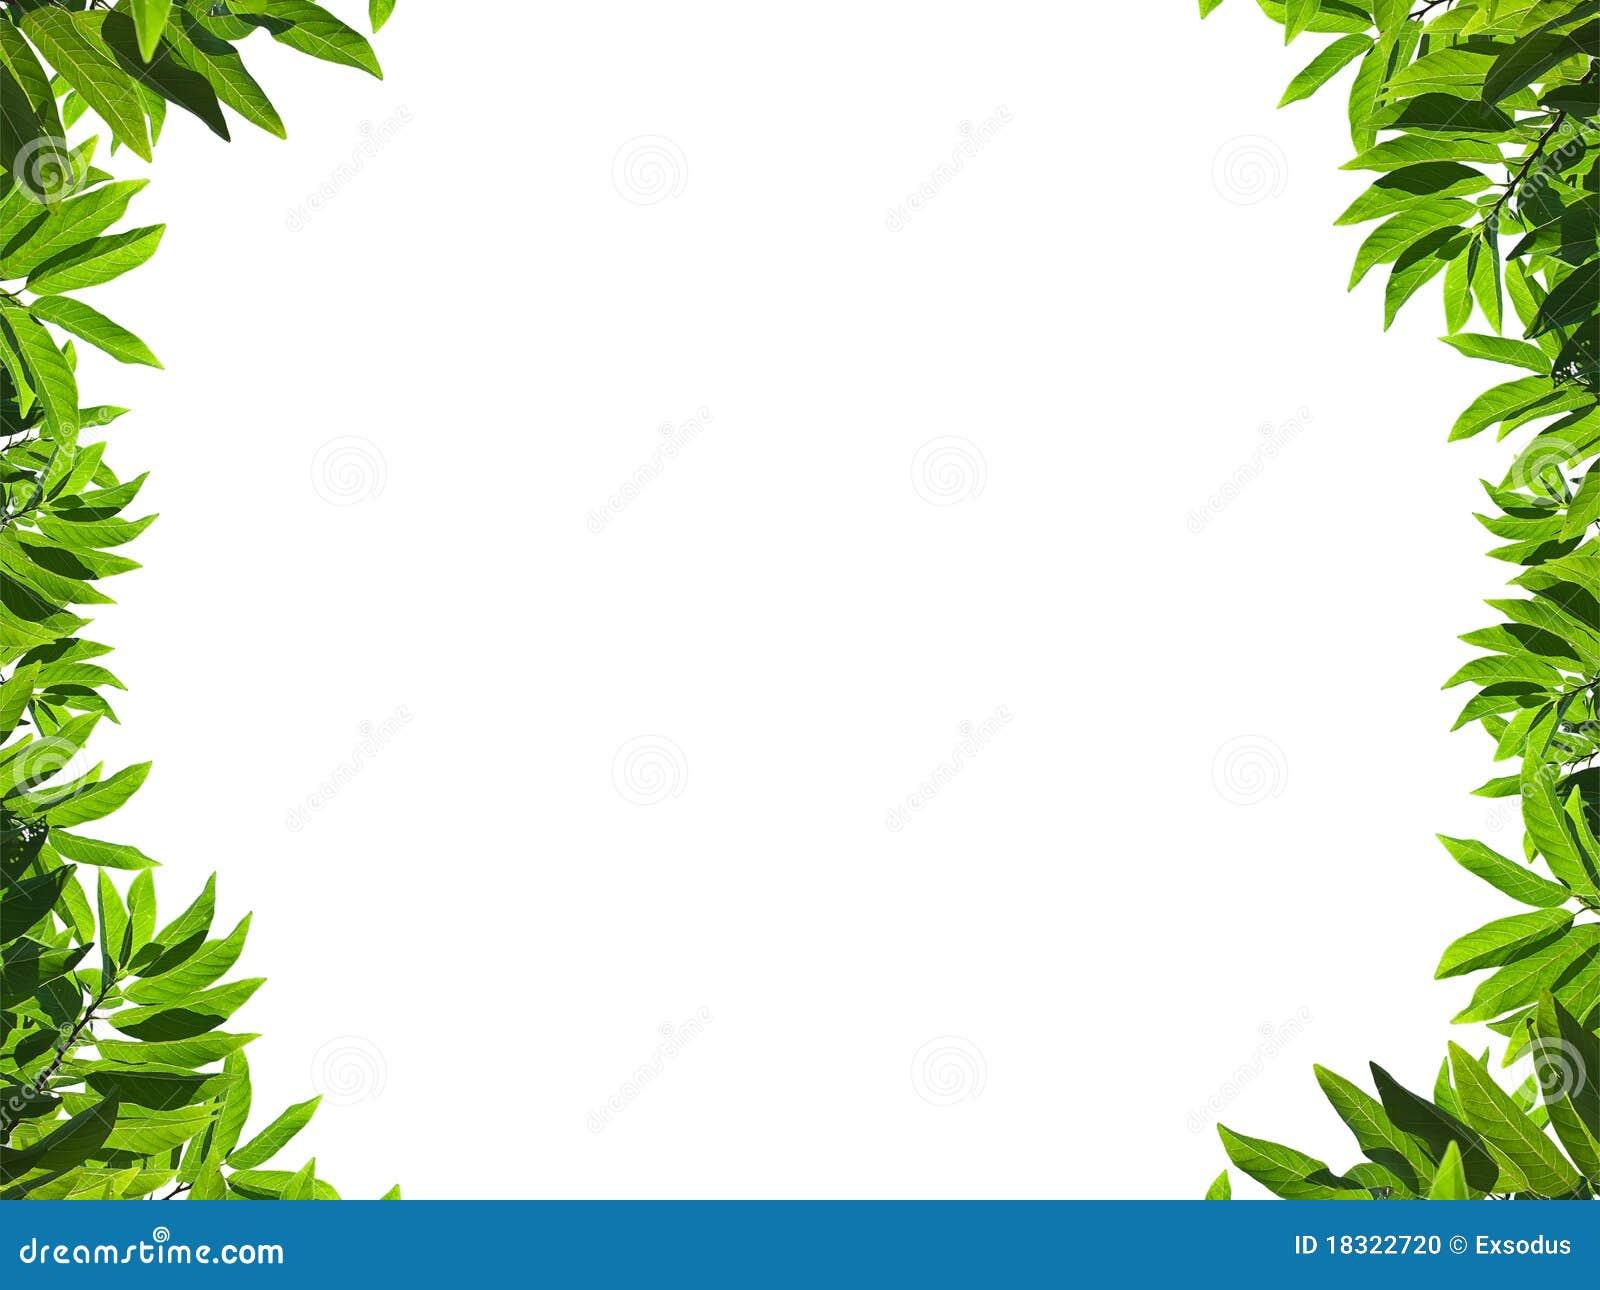 Marco verde natural de la hoja foto de archivo imagen - Marcos para plantas ...